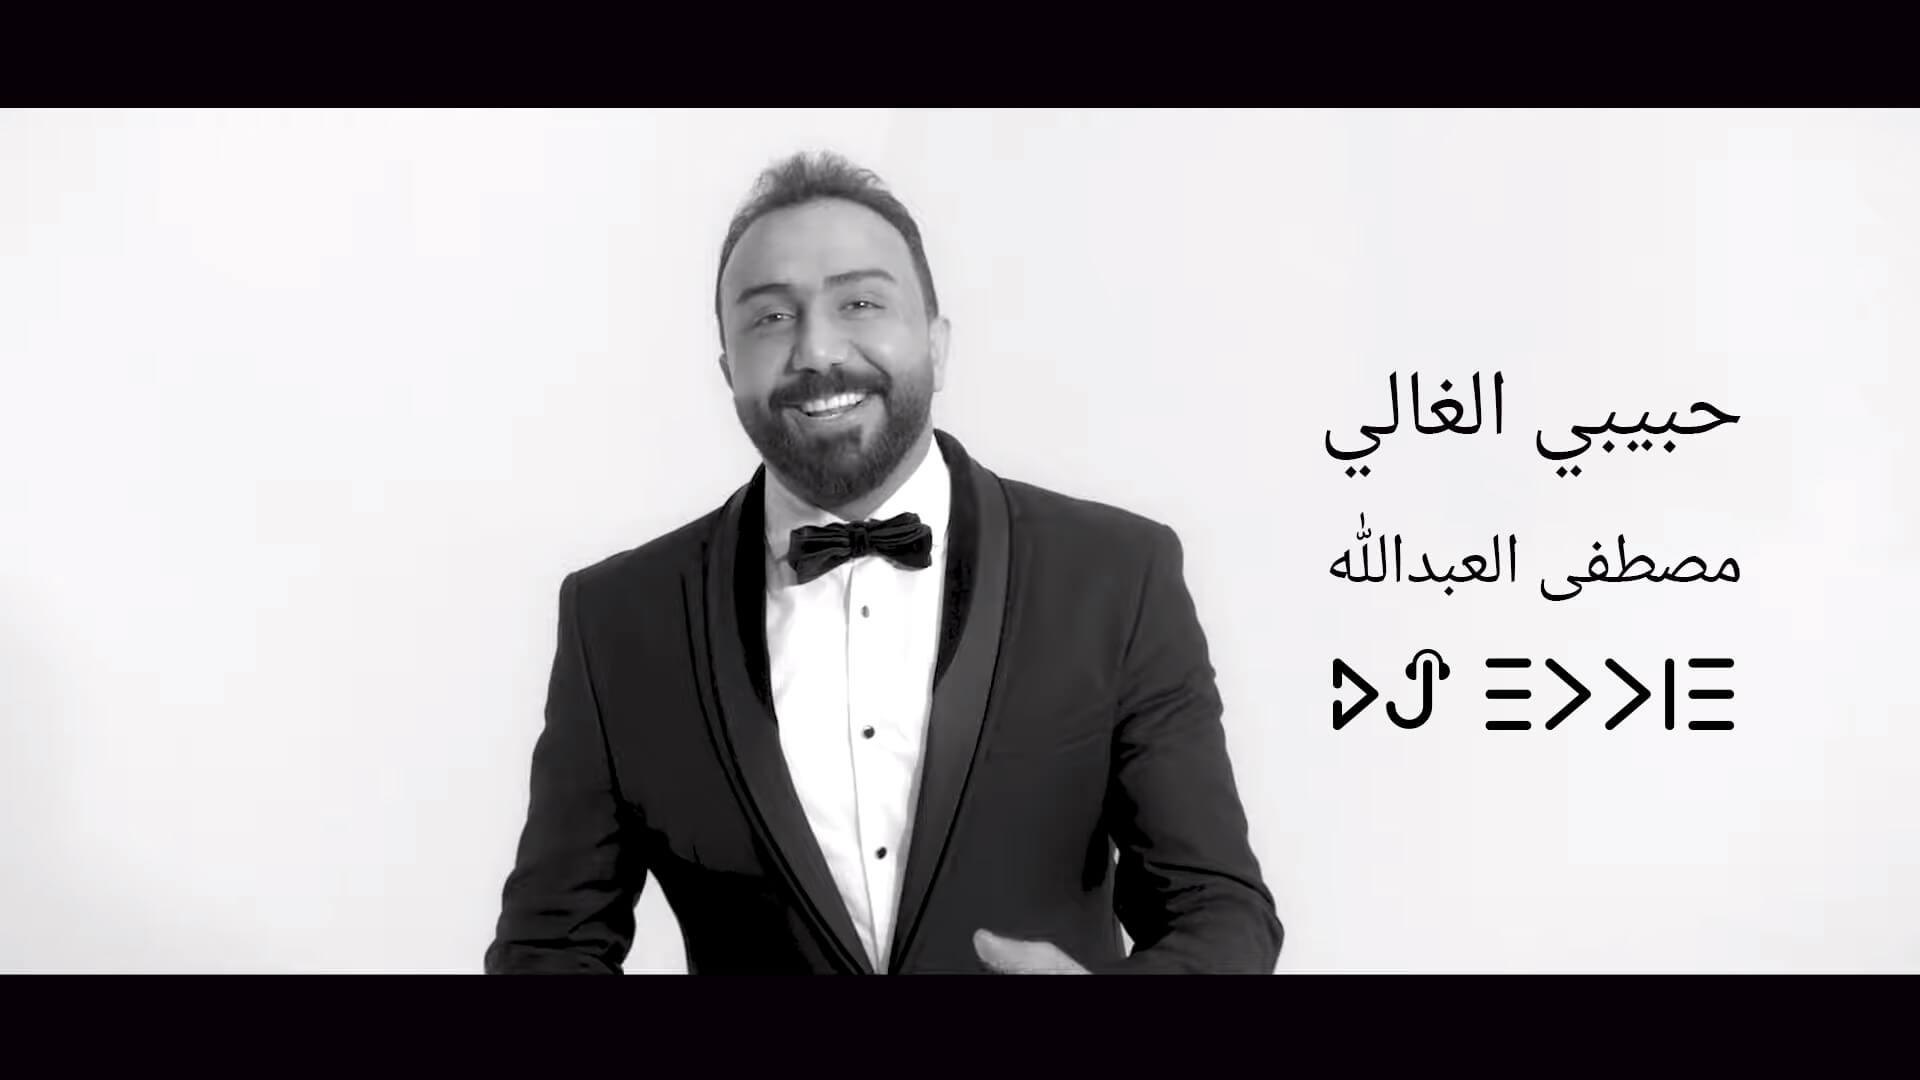 مصطفى العبدالله - حبيبي الغالي Mustafa Alabdullah - 7abibi Alghali